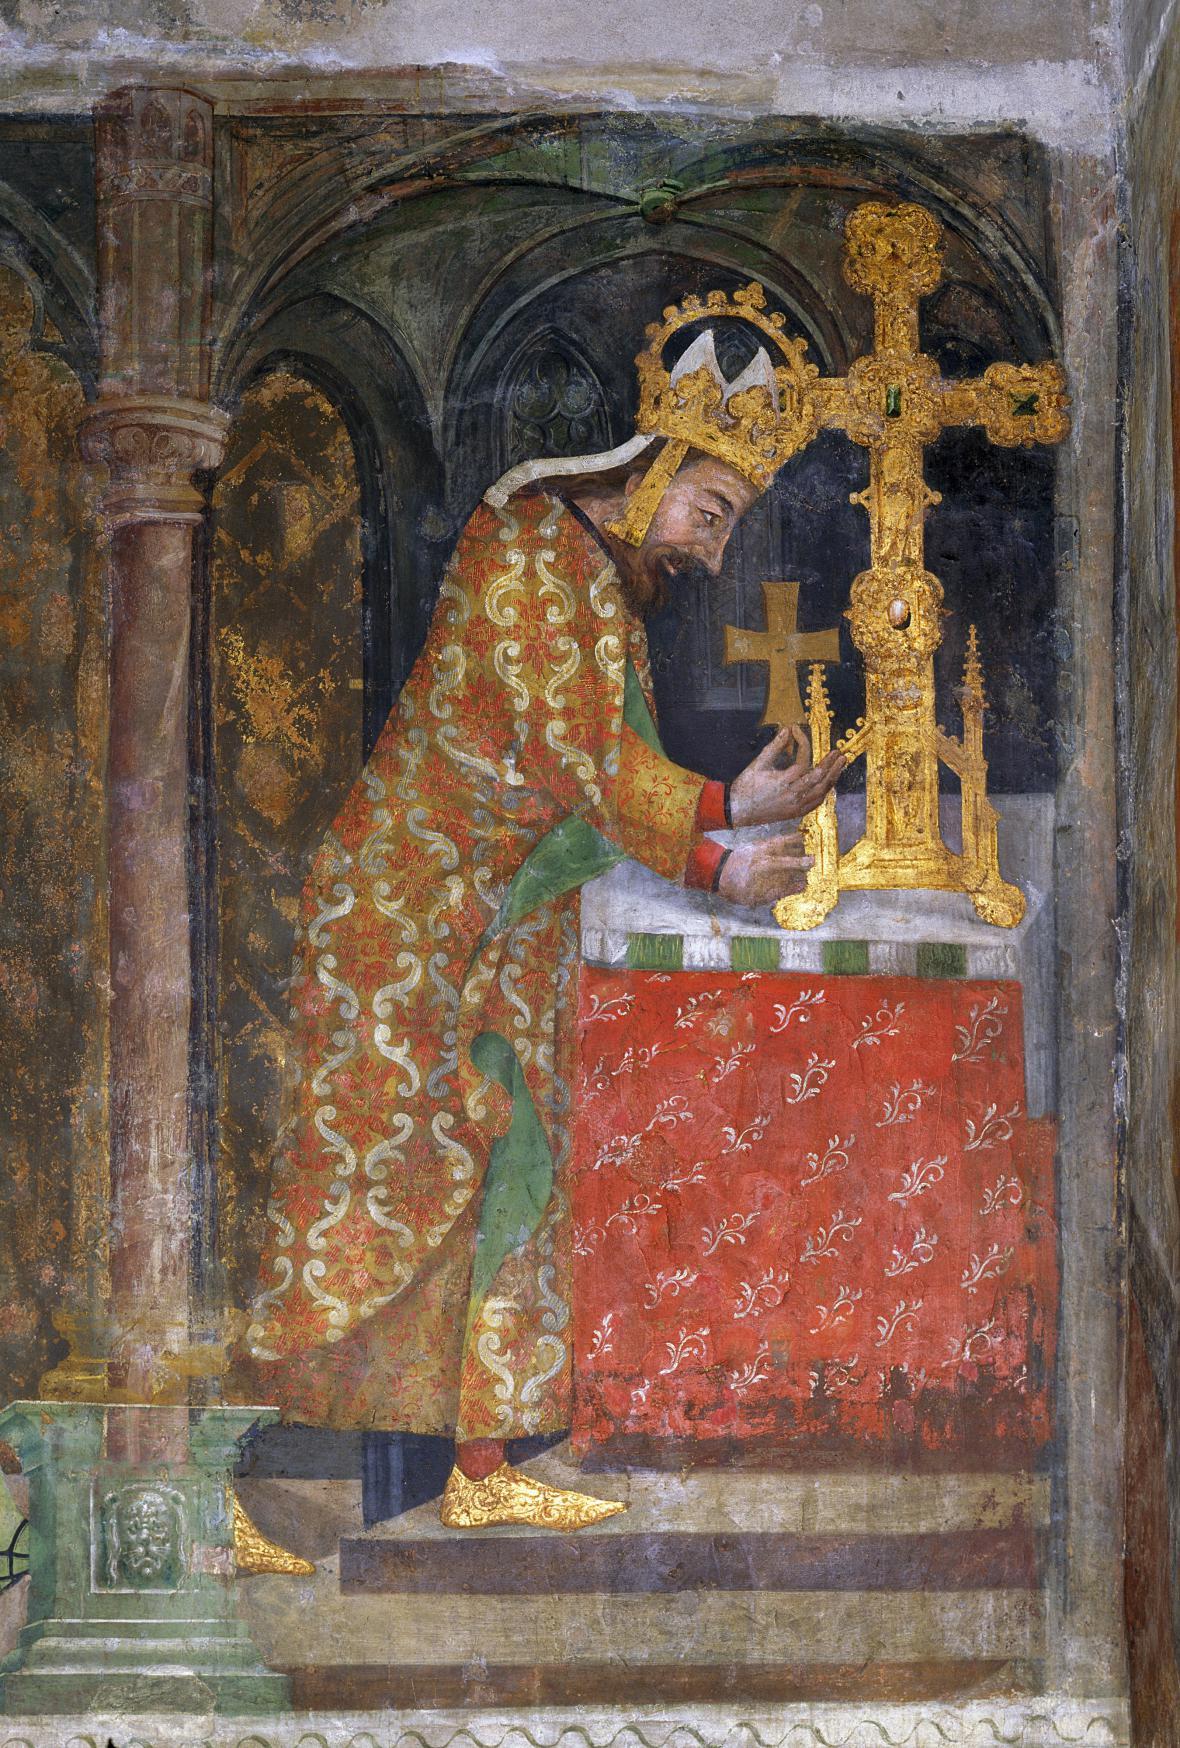 Císař Karel IV. ukládá relikvii dřeva svatého kříže do velkého ostatkového kříže, detail kolem 1360